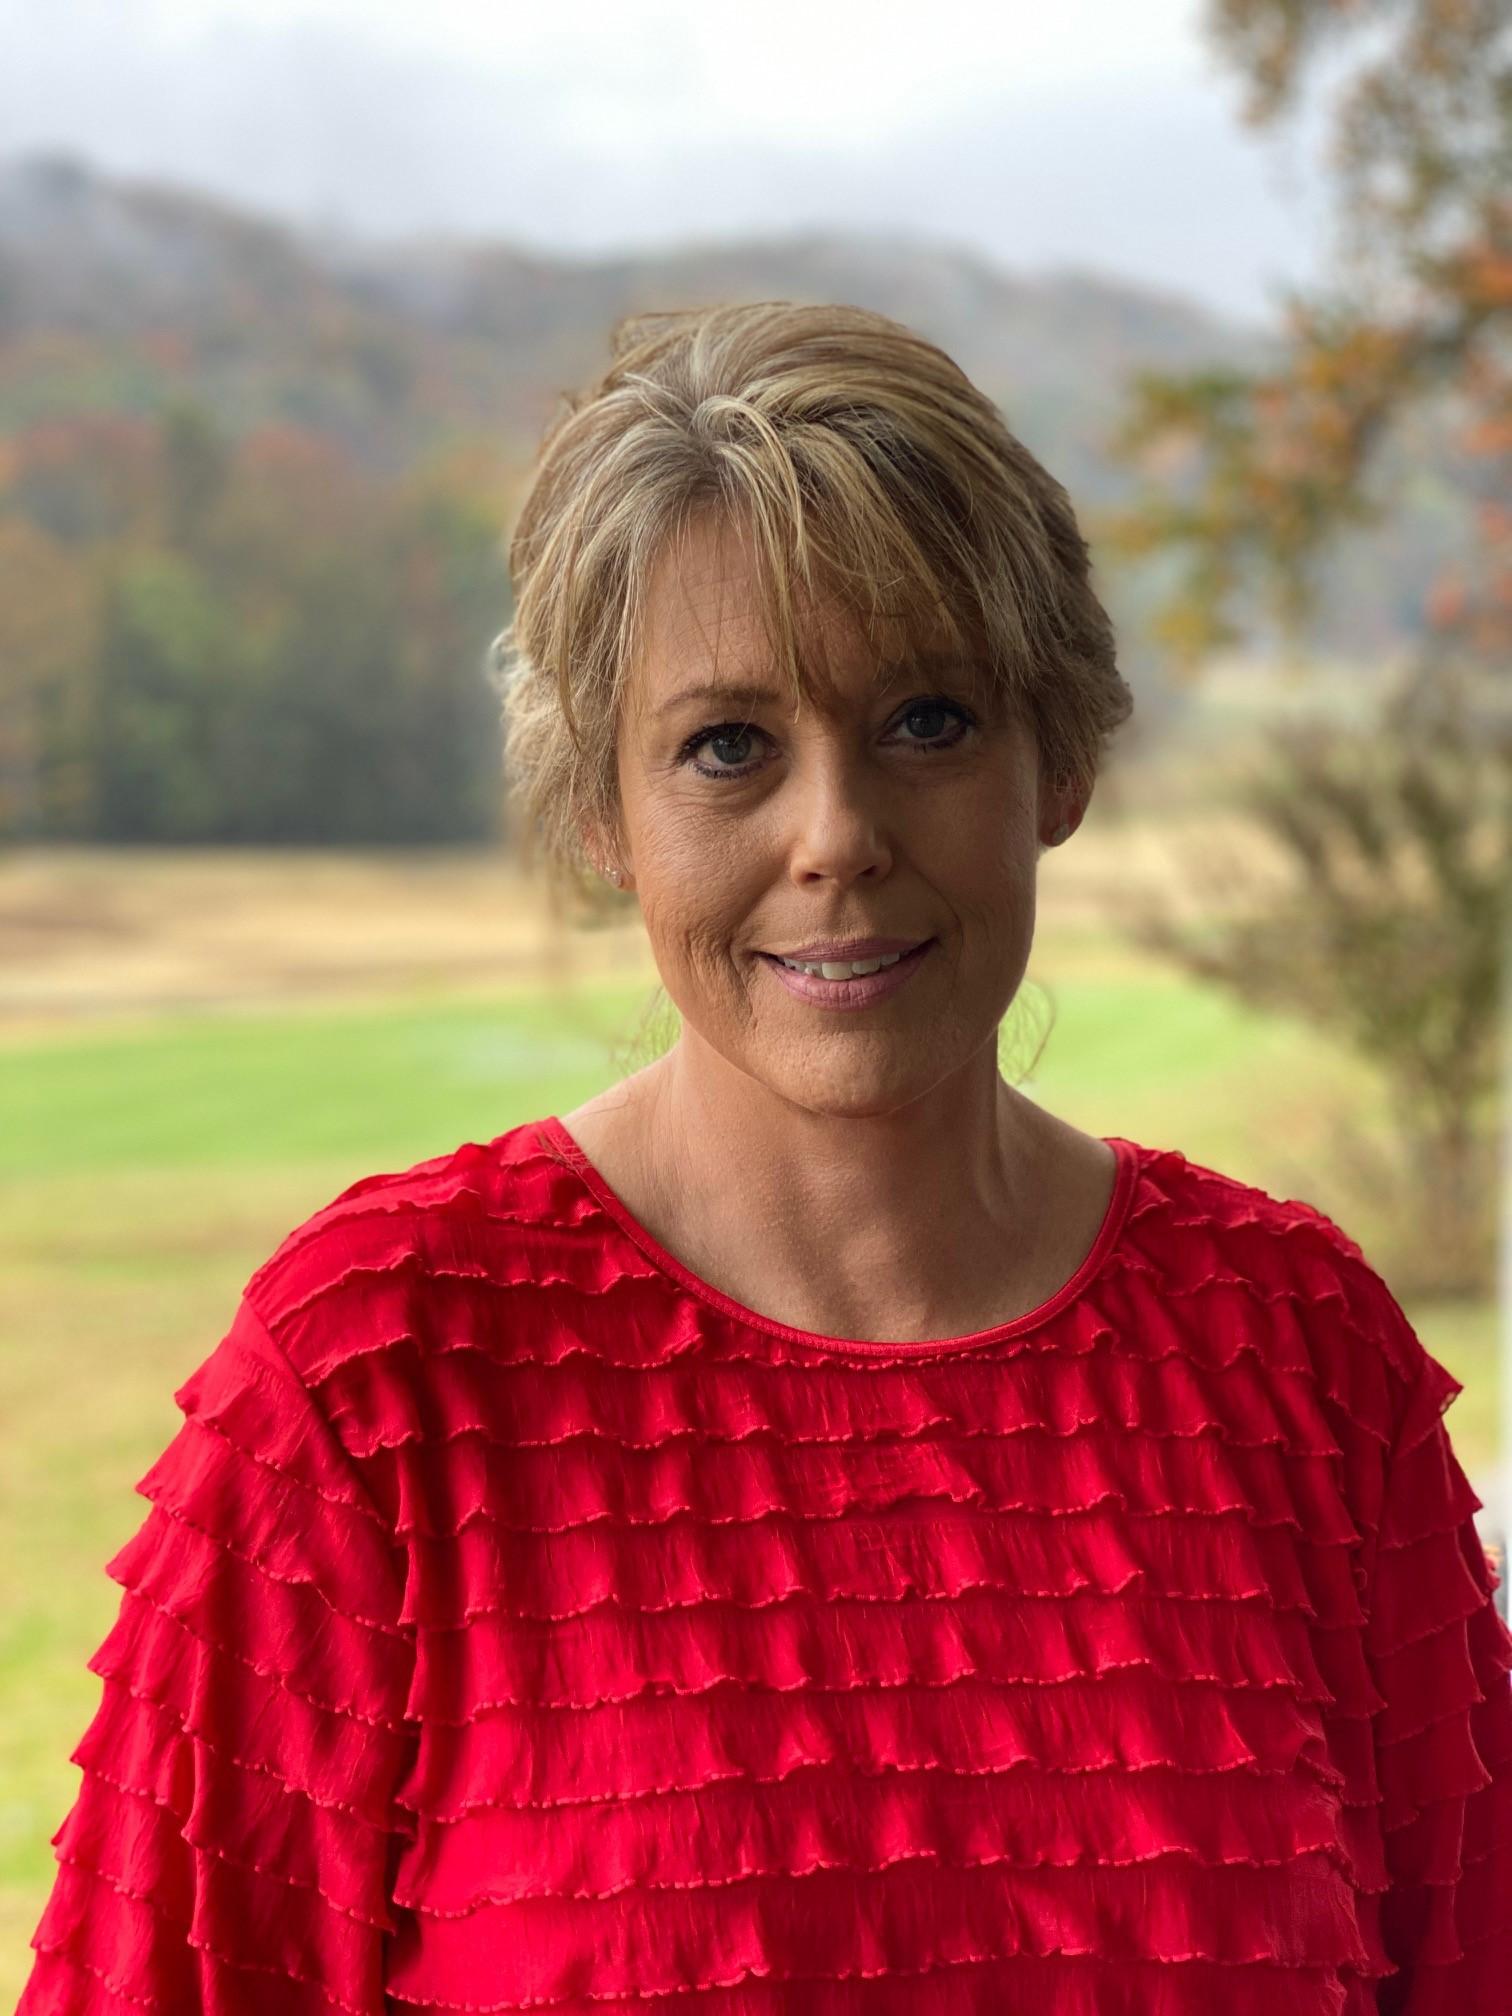 Tracy Shelton